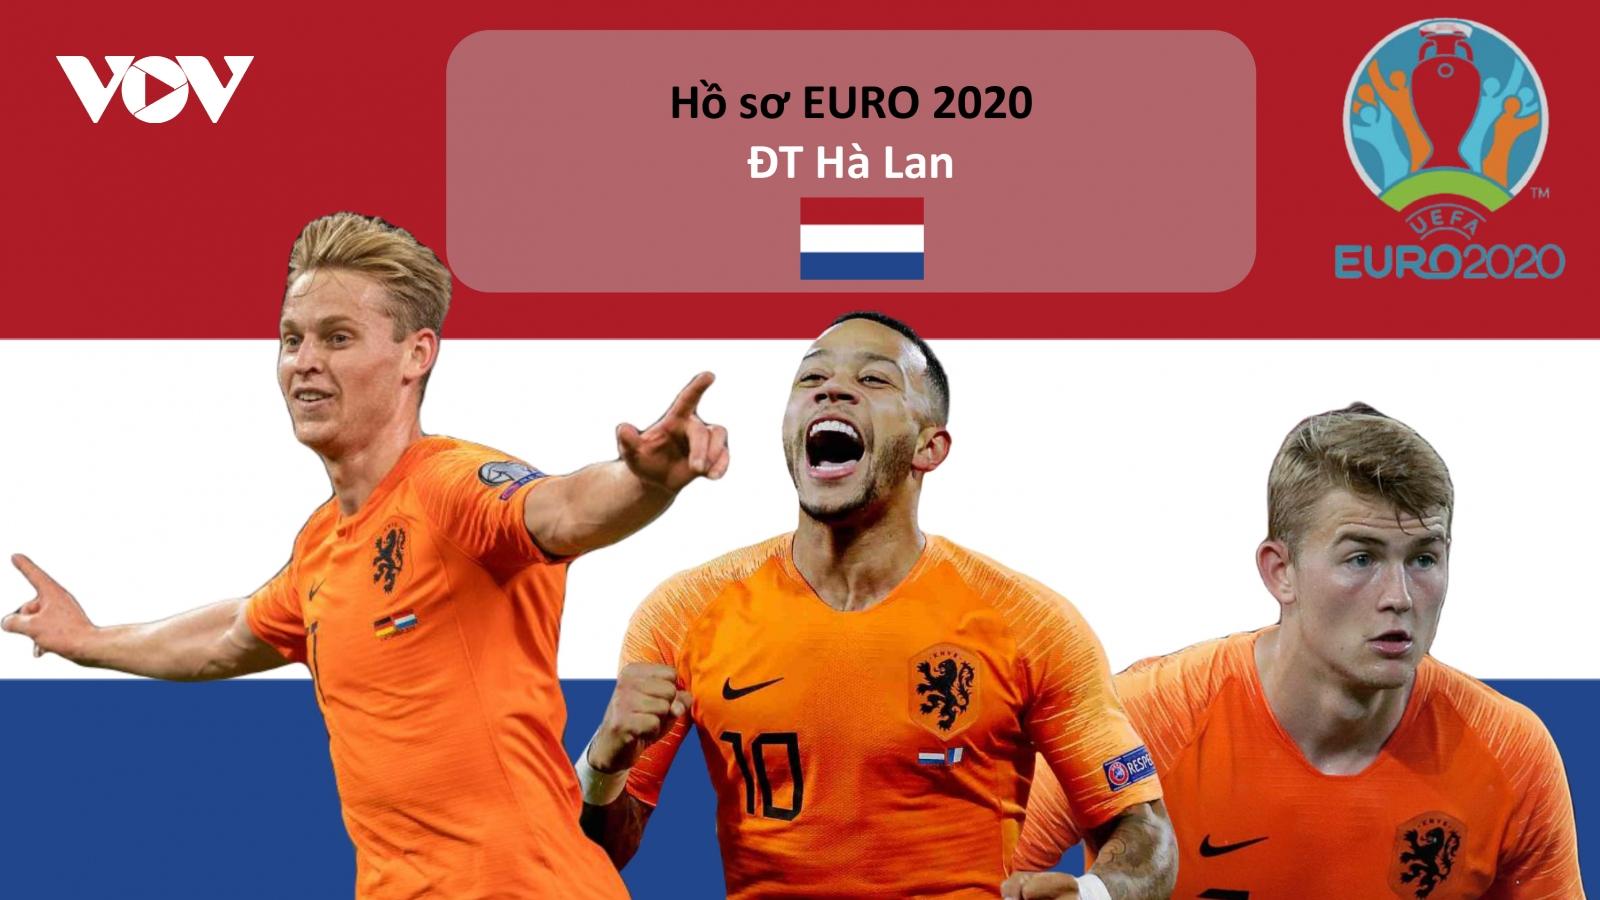 Hồ sơ các ĐT dự EURO 2020: Đội tuyển Hà Lan